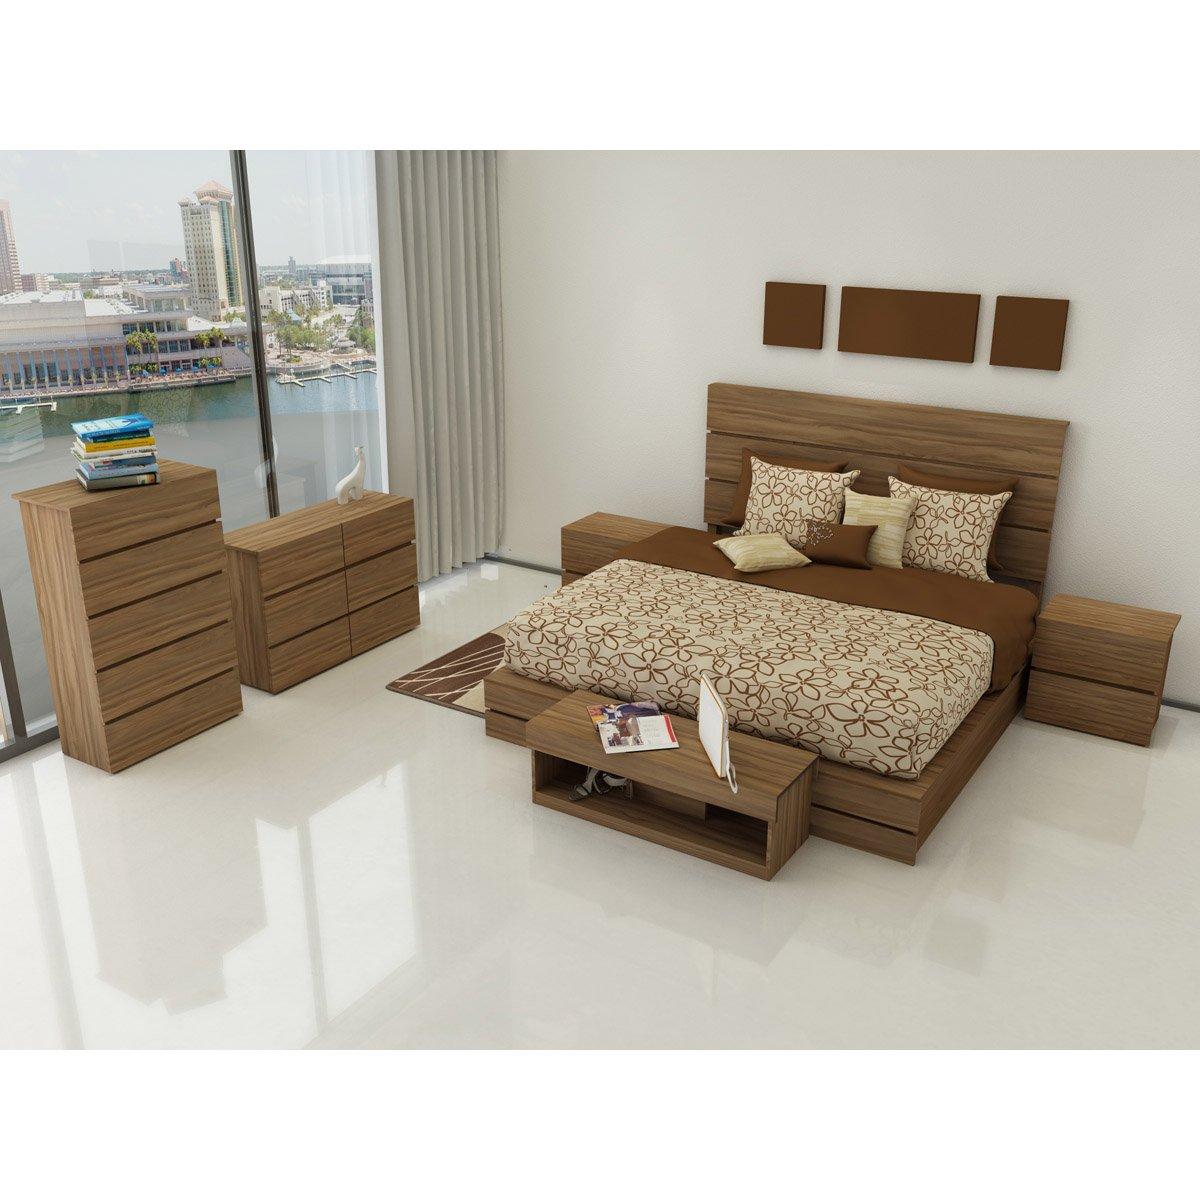 Vistoso Sears Dormitorio Juegos De Muebles Componente - Muebles Para ...